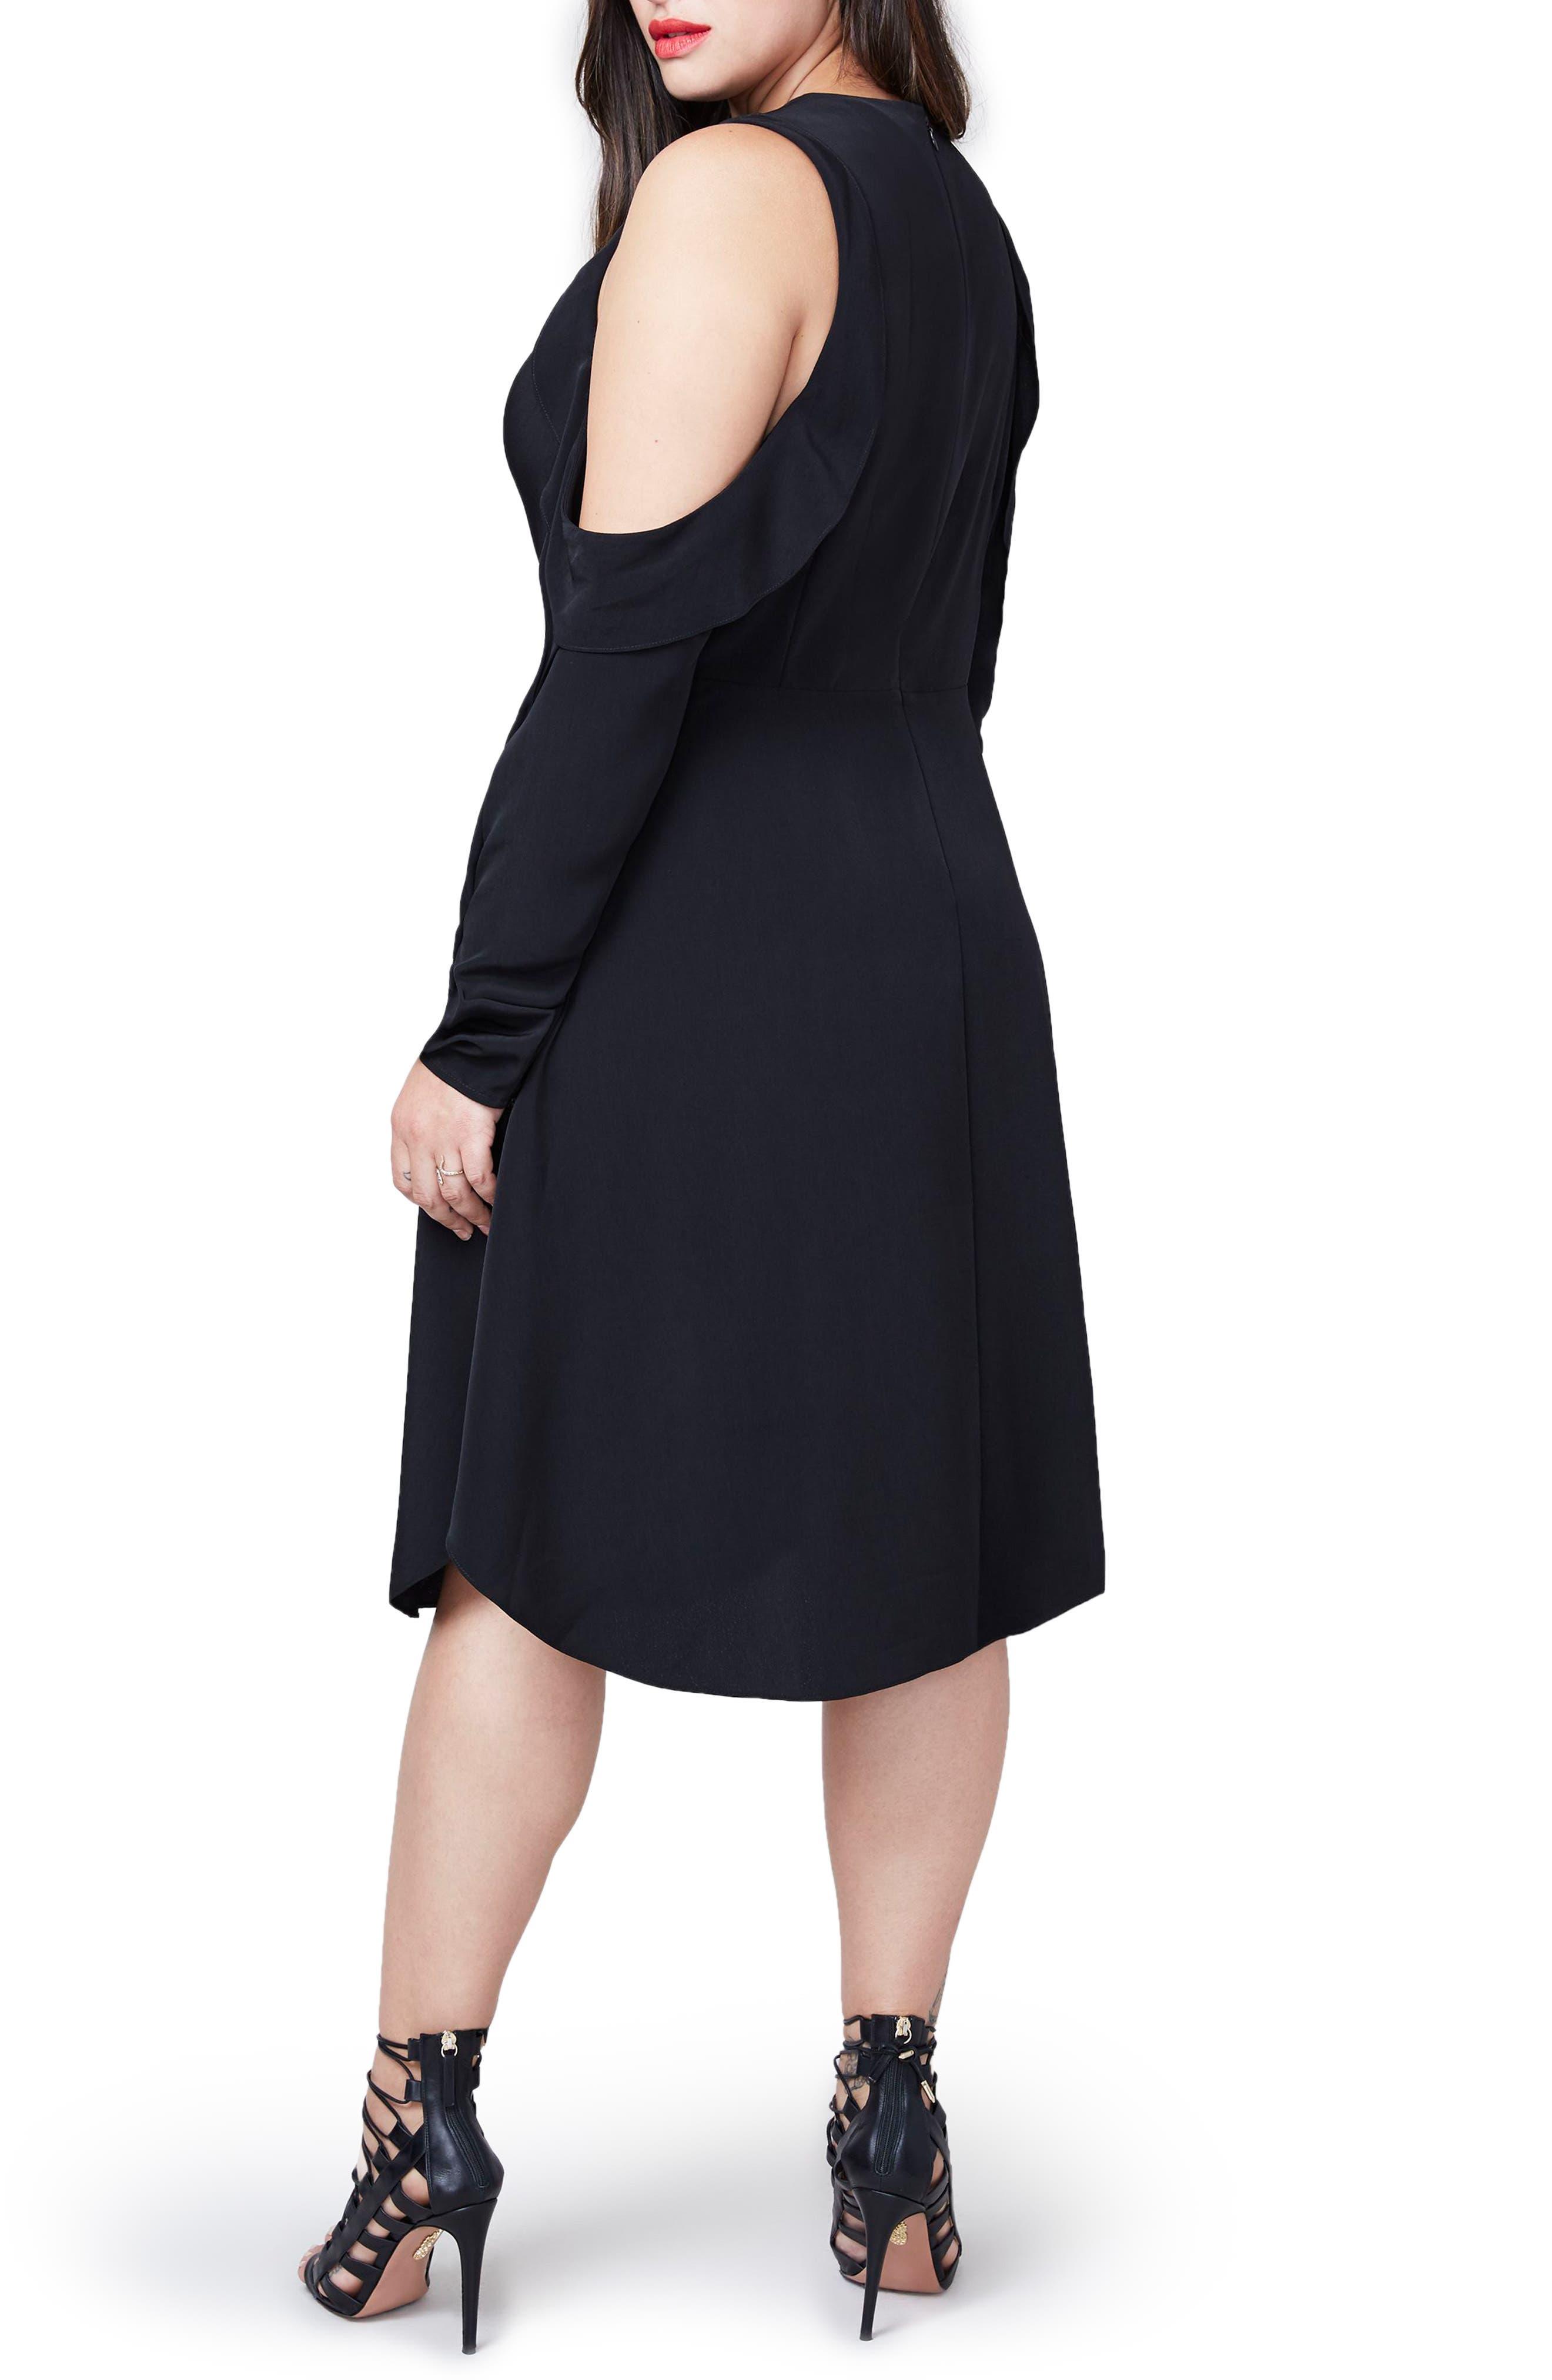 RACHEL Rachel Roy Ruffle Cold Shoulder Dress,                             Alternate thumbnail 2, color,                             001